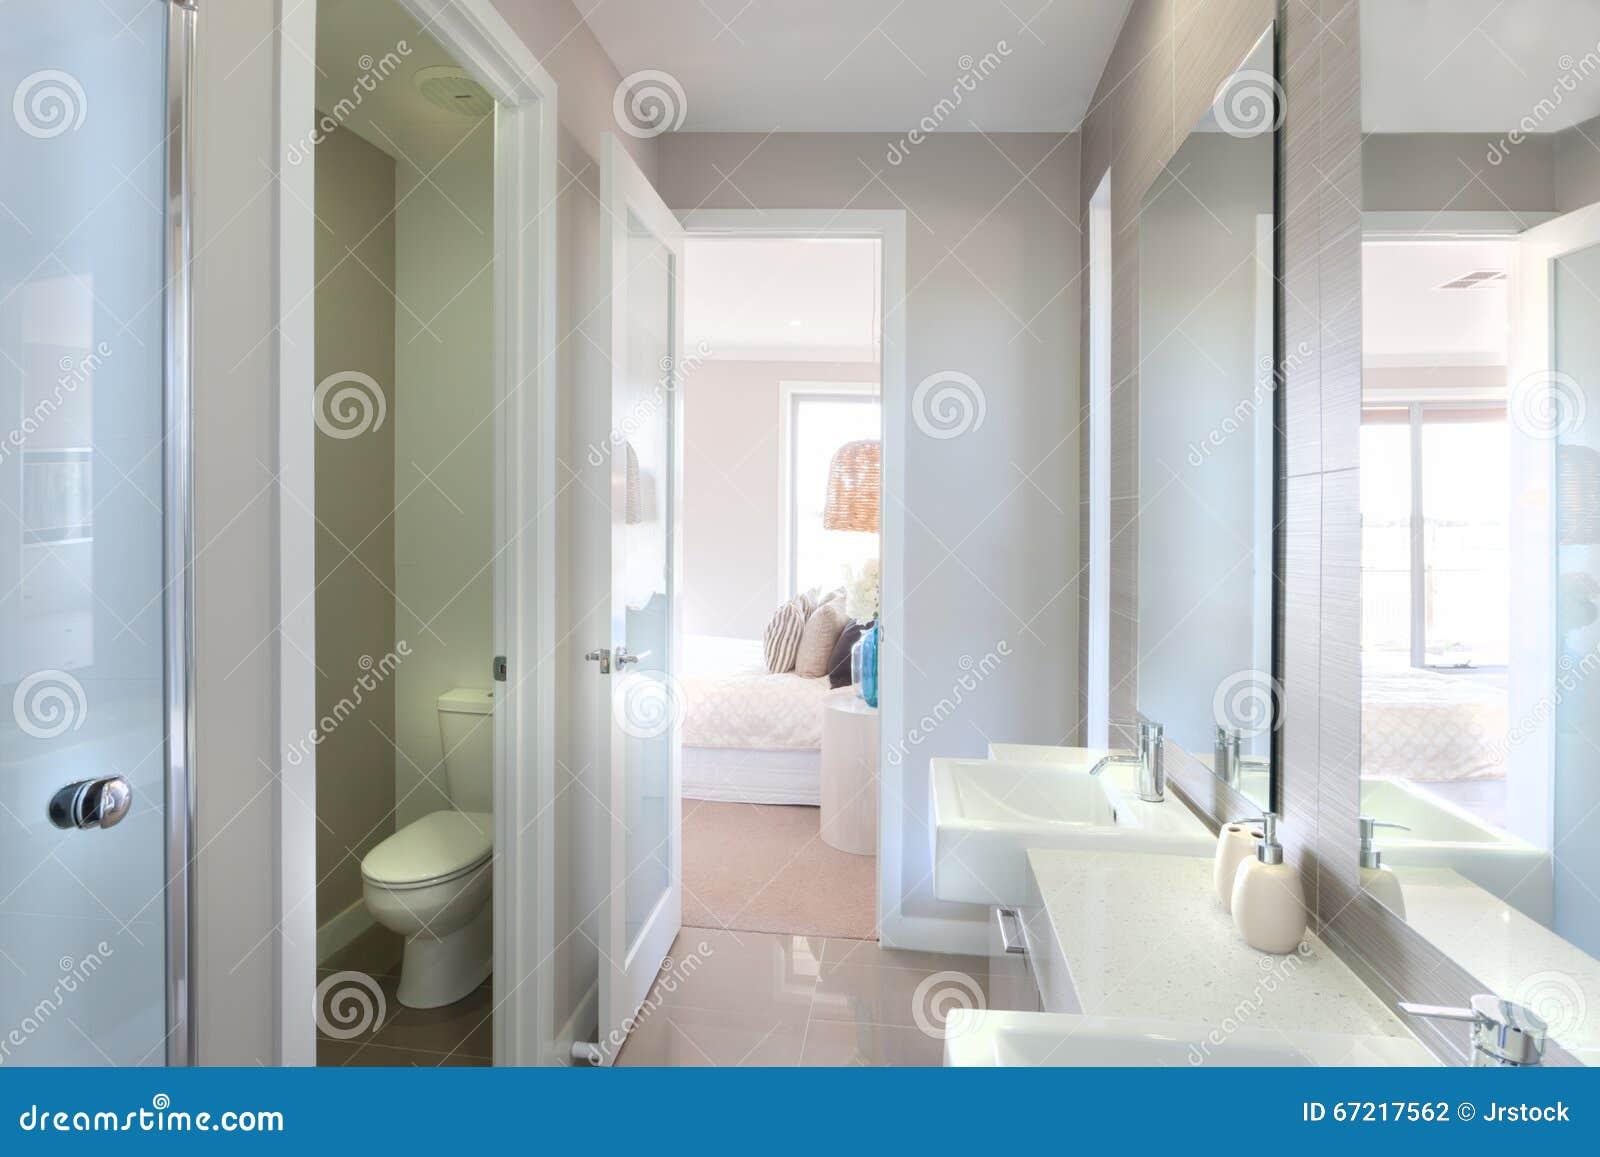 Vista di un bagno moderno con la toilette ed il modo alla camera da letto fotografia stock - Toilette moderne camera da letto ...